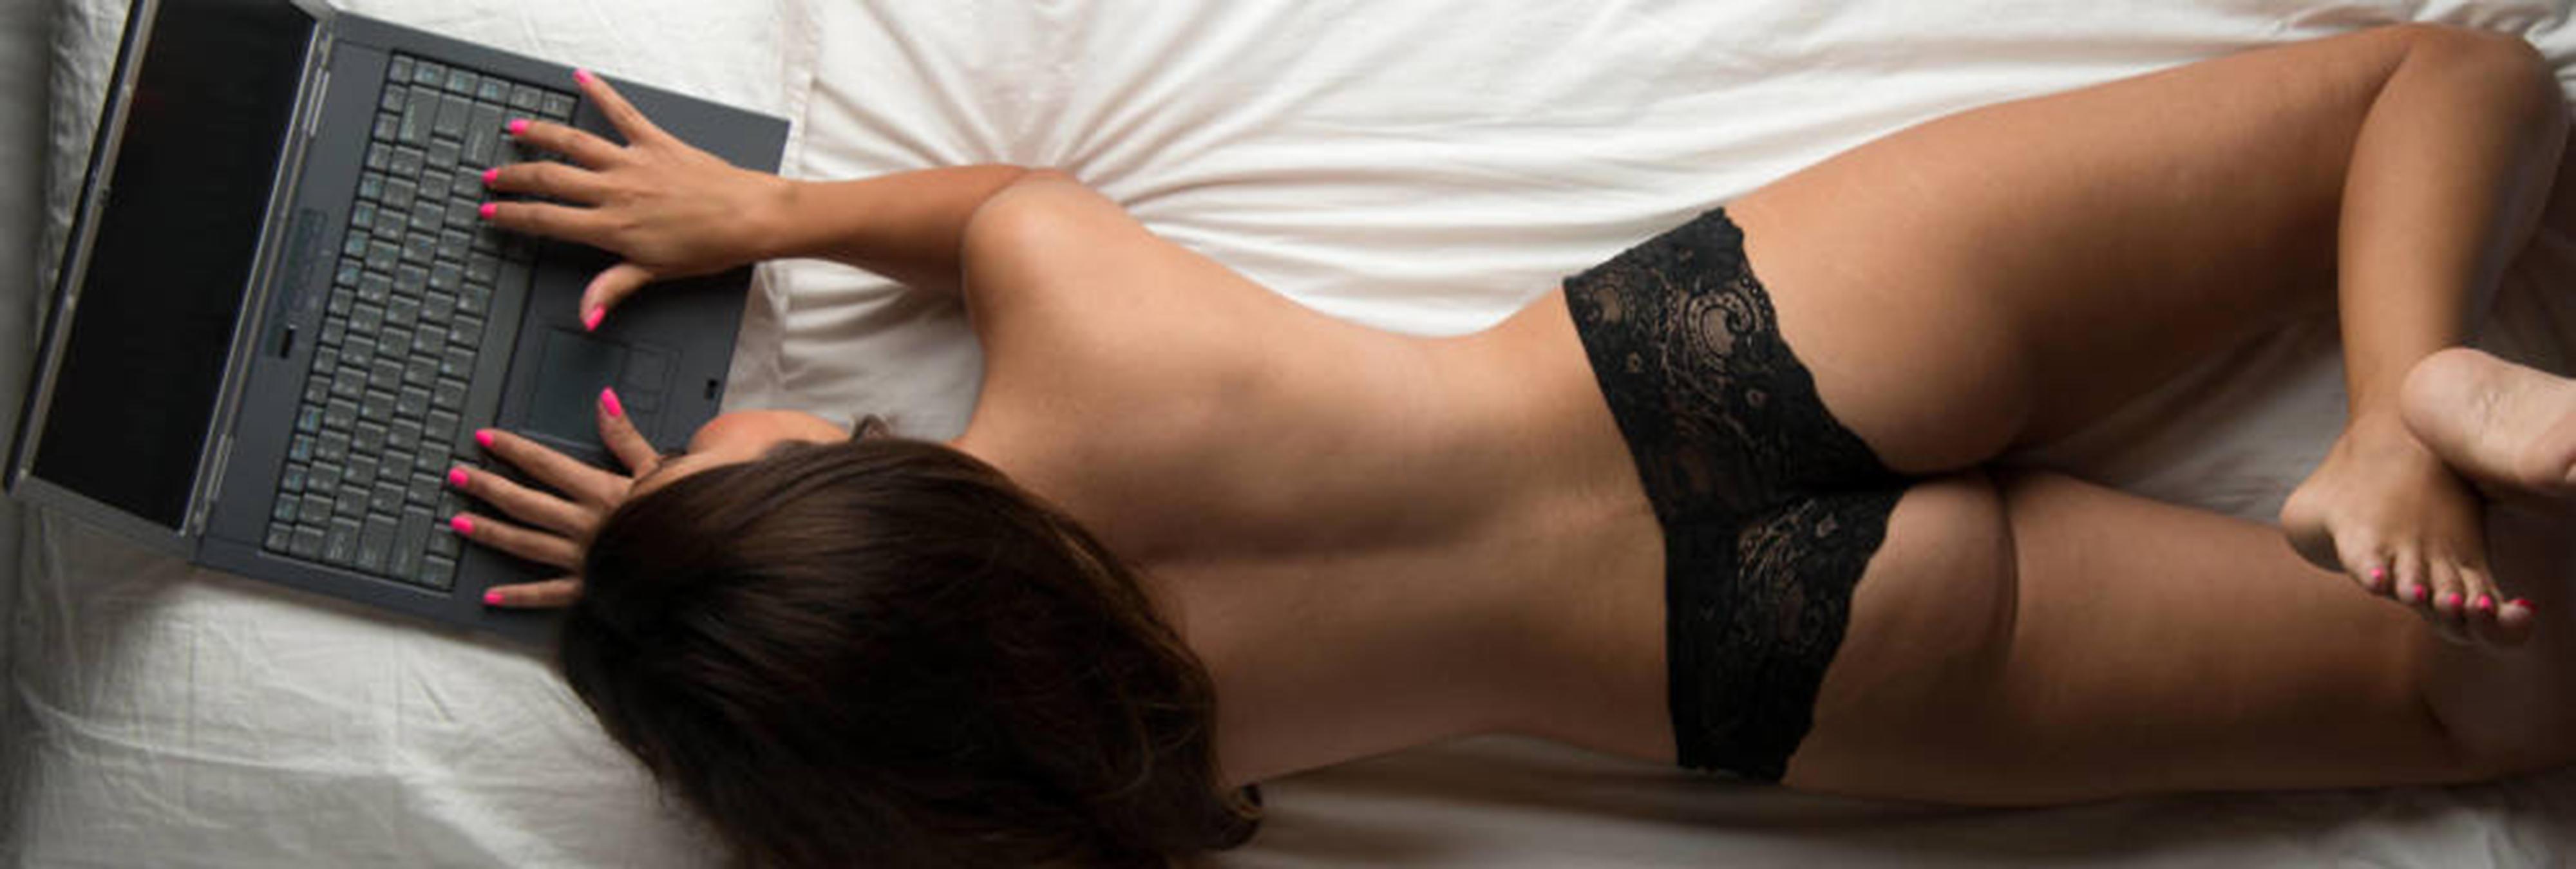 A las mujeres también les gusta el porno... Pero de otro tipo